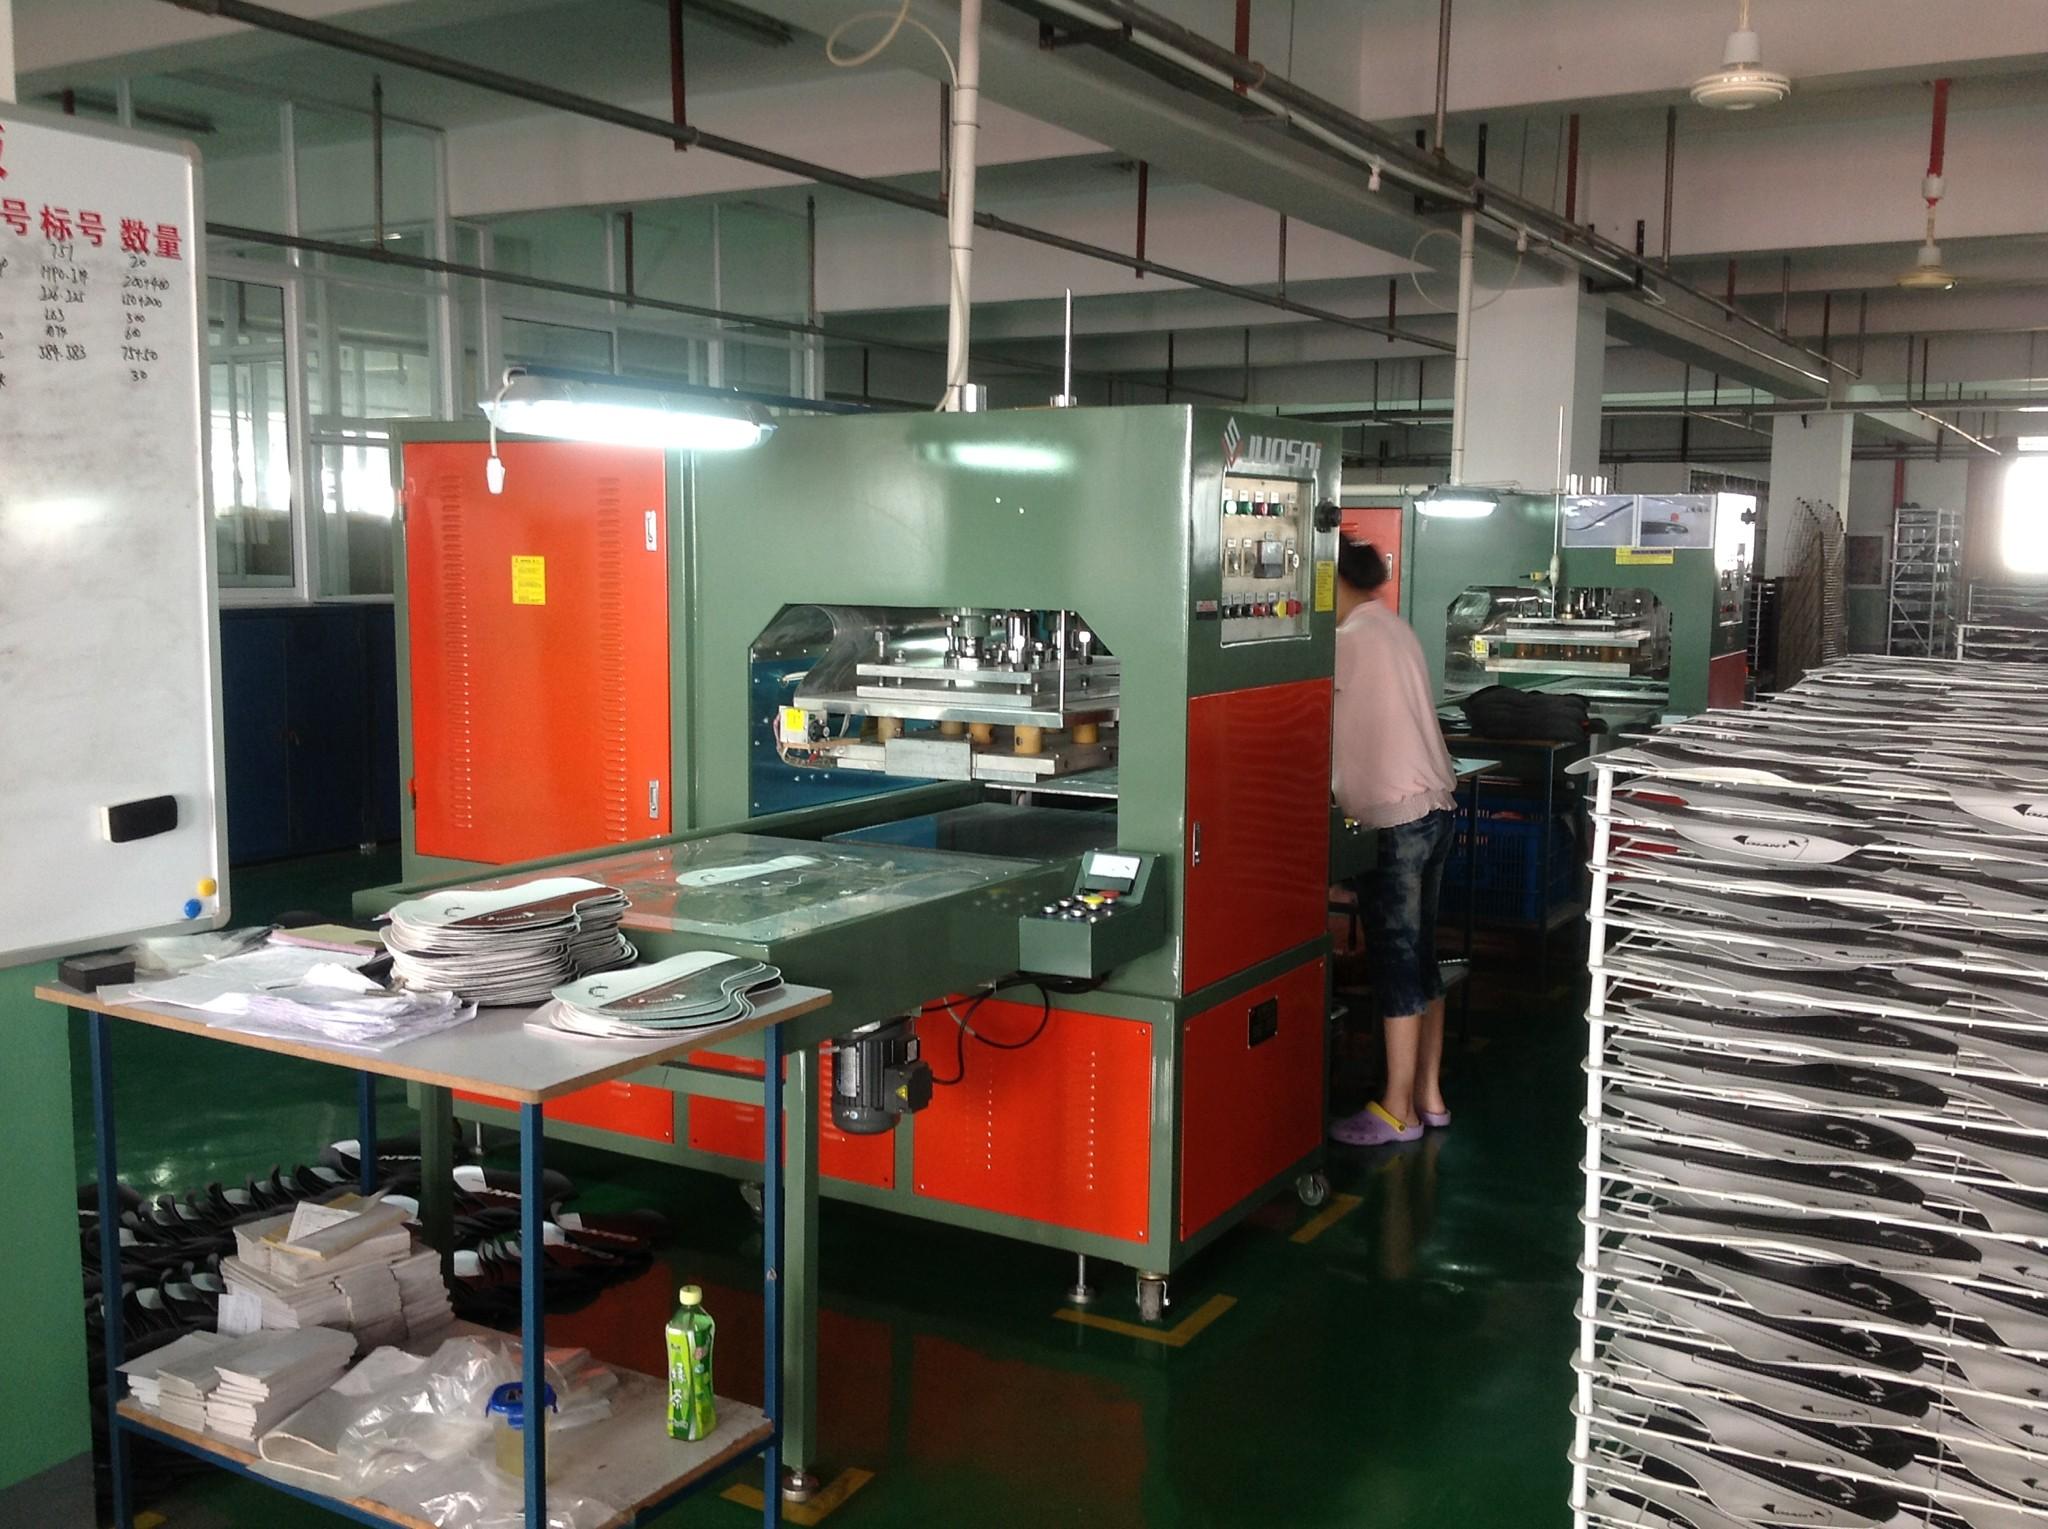 我司与隆鑫、建设、宗申摩托配套供应商合作